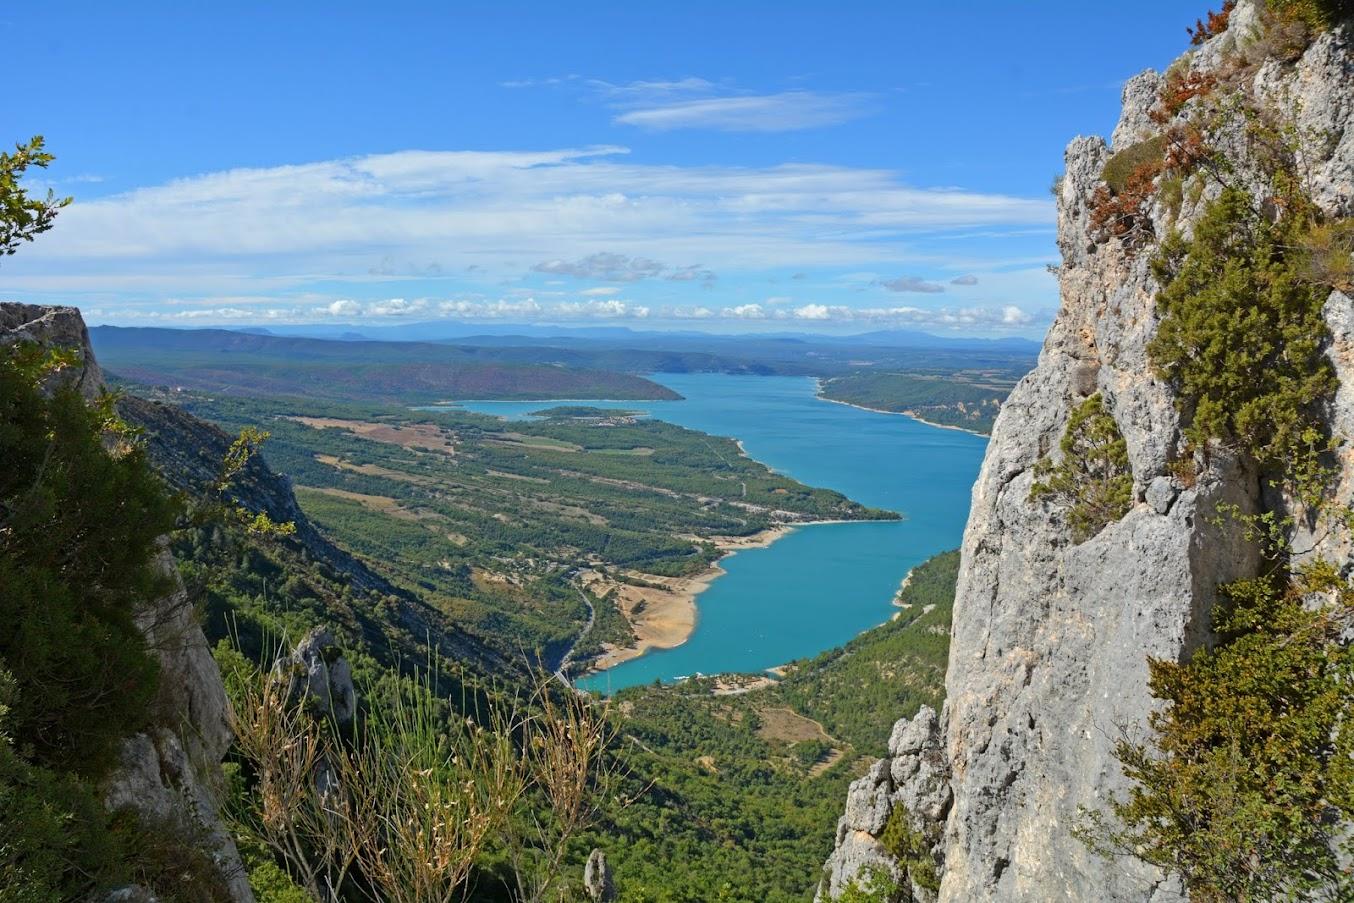 Vue-sur-lac-De-Ste-Croix-du-haut-de-la-Crete-de-Plein-Voir-1.jpg